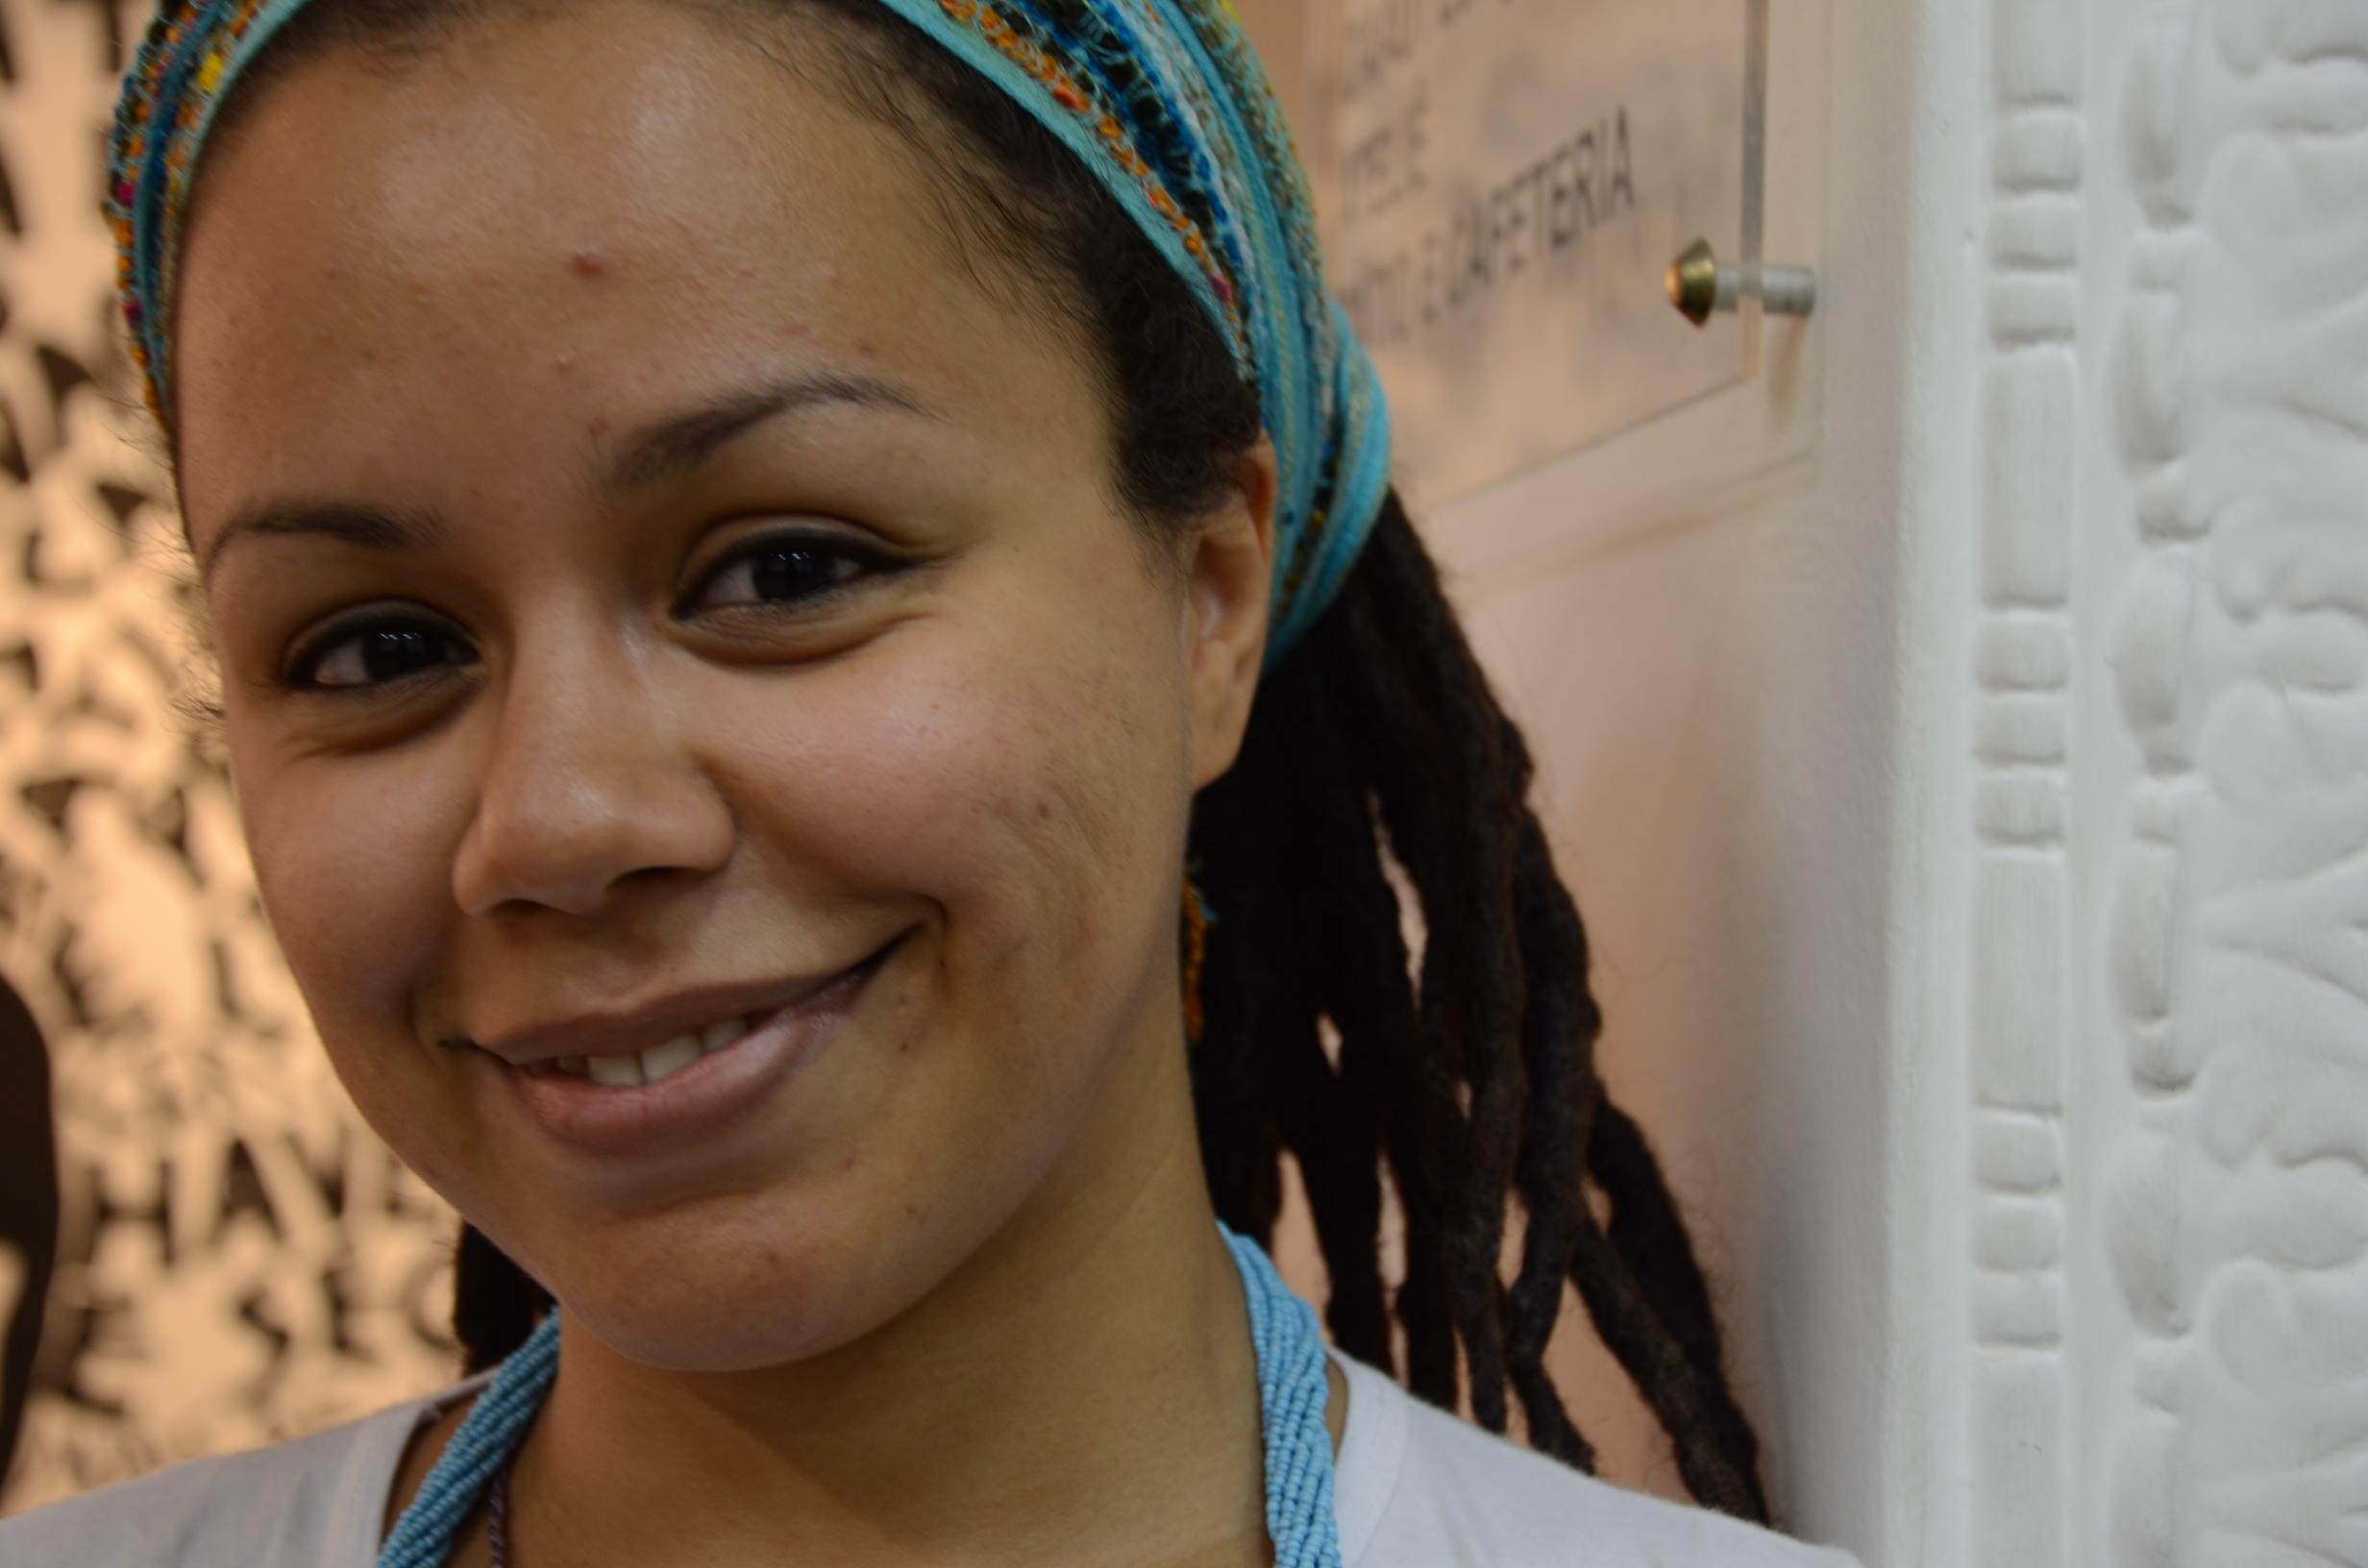 A artista Tina Melo. Foto: Vanice da Mata